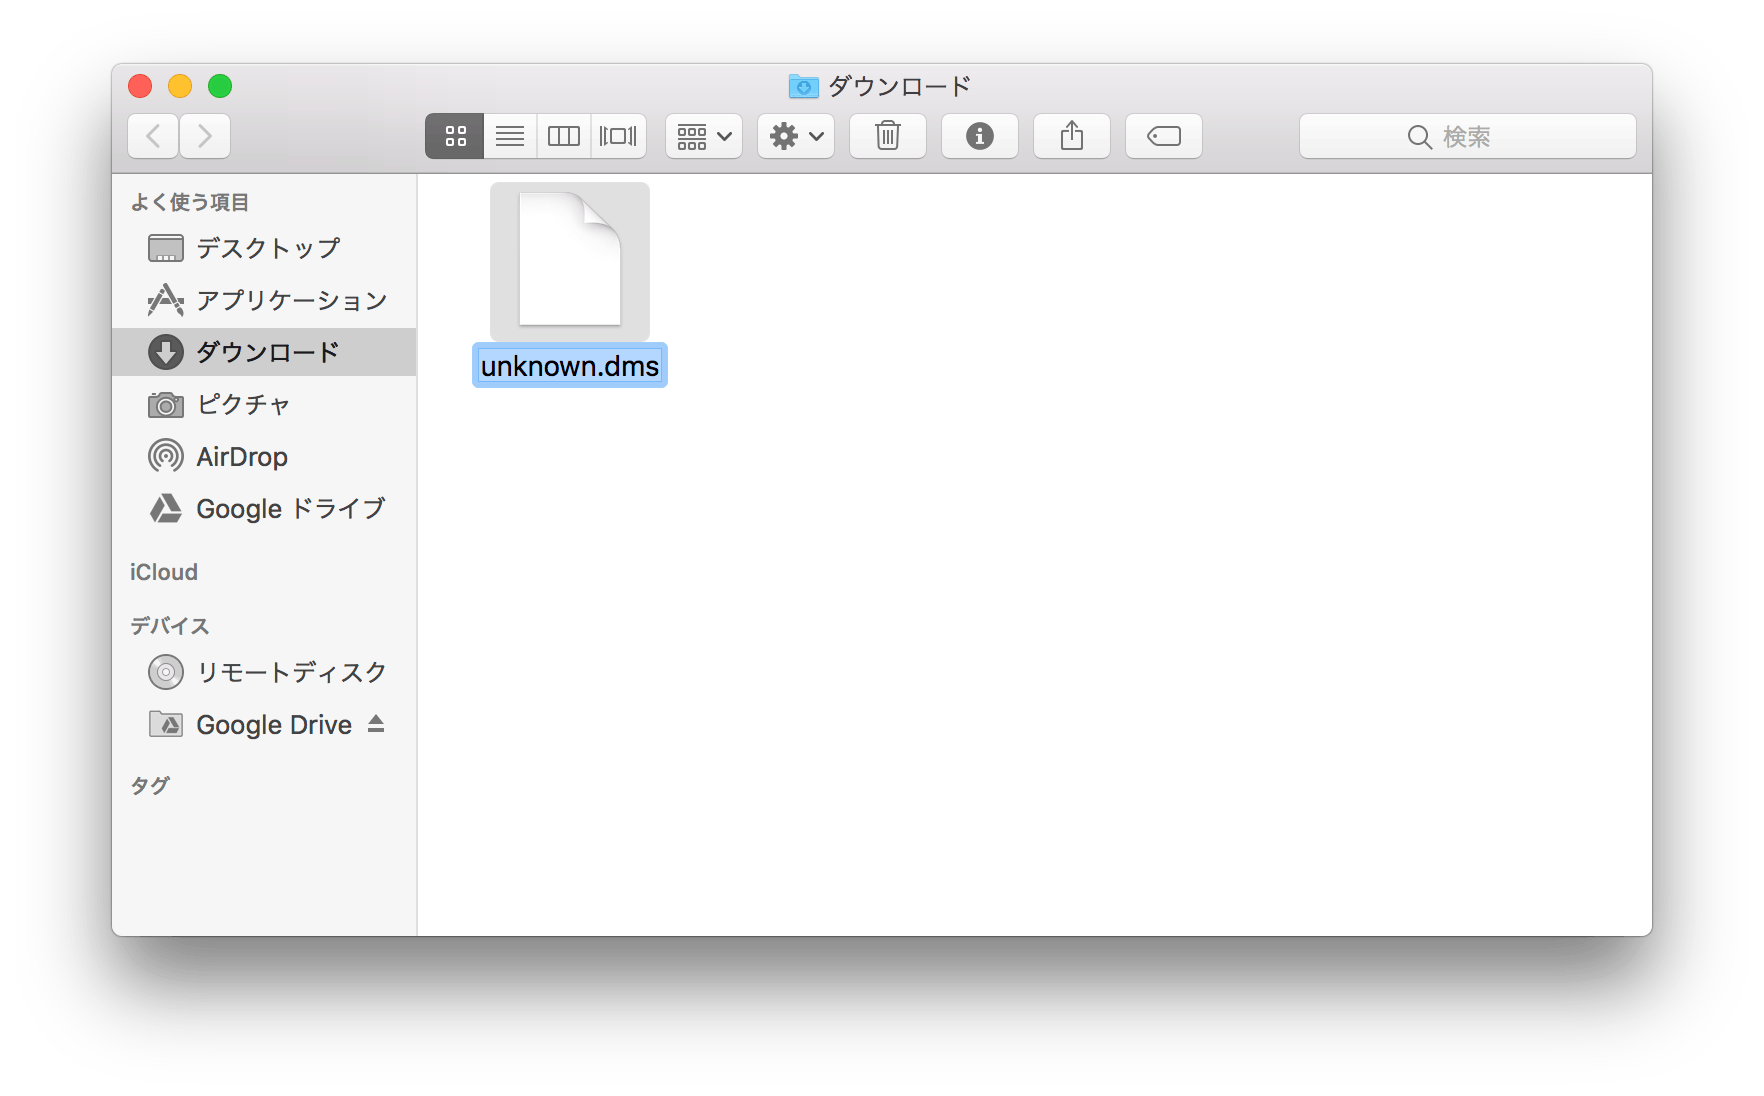 unknown.dmsファイルを選択する